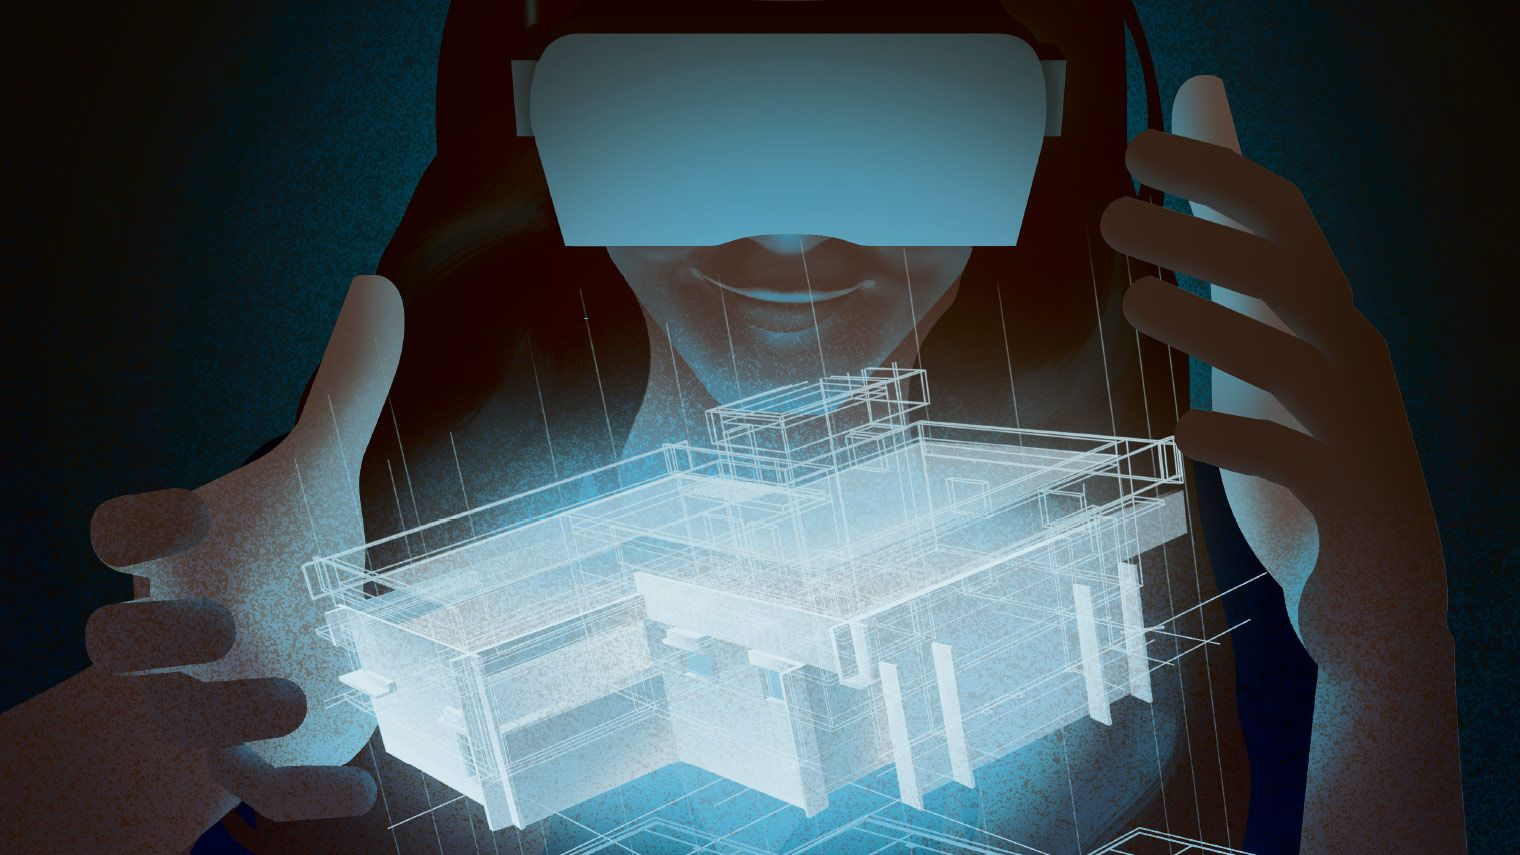 поиск товара по изображению виртуальная или дополненная реальность строили-строили достроили пытались